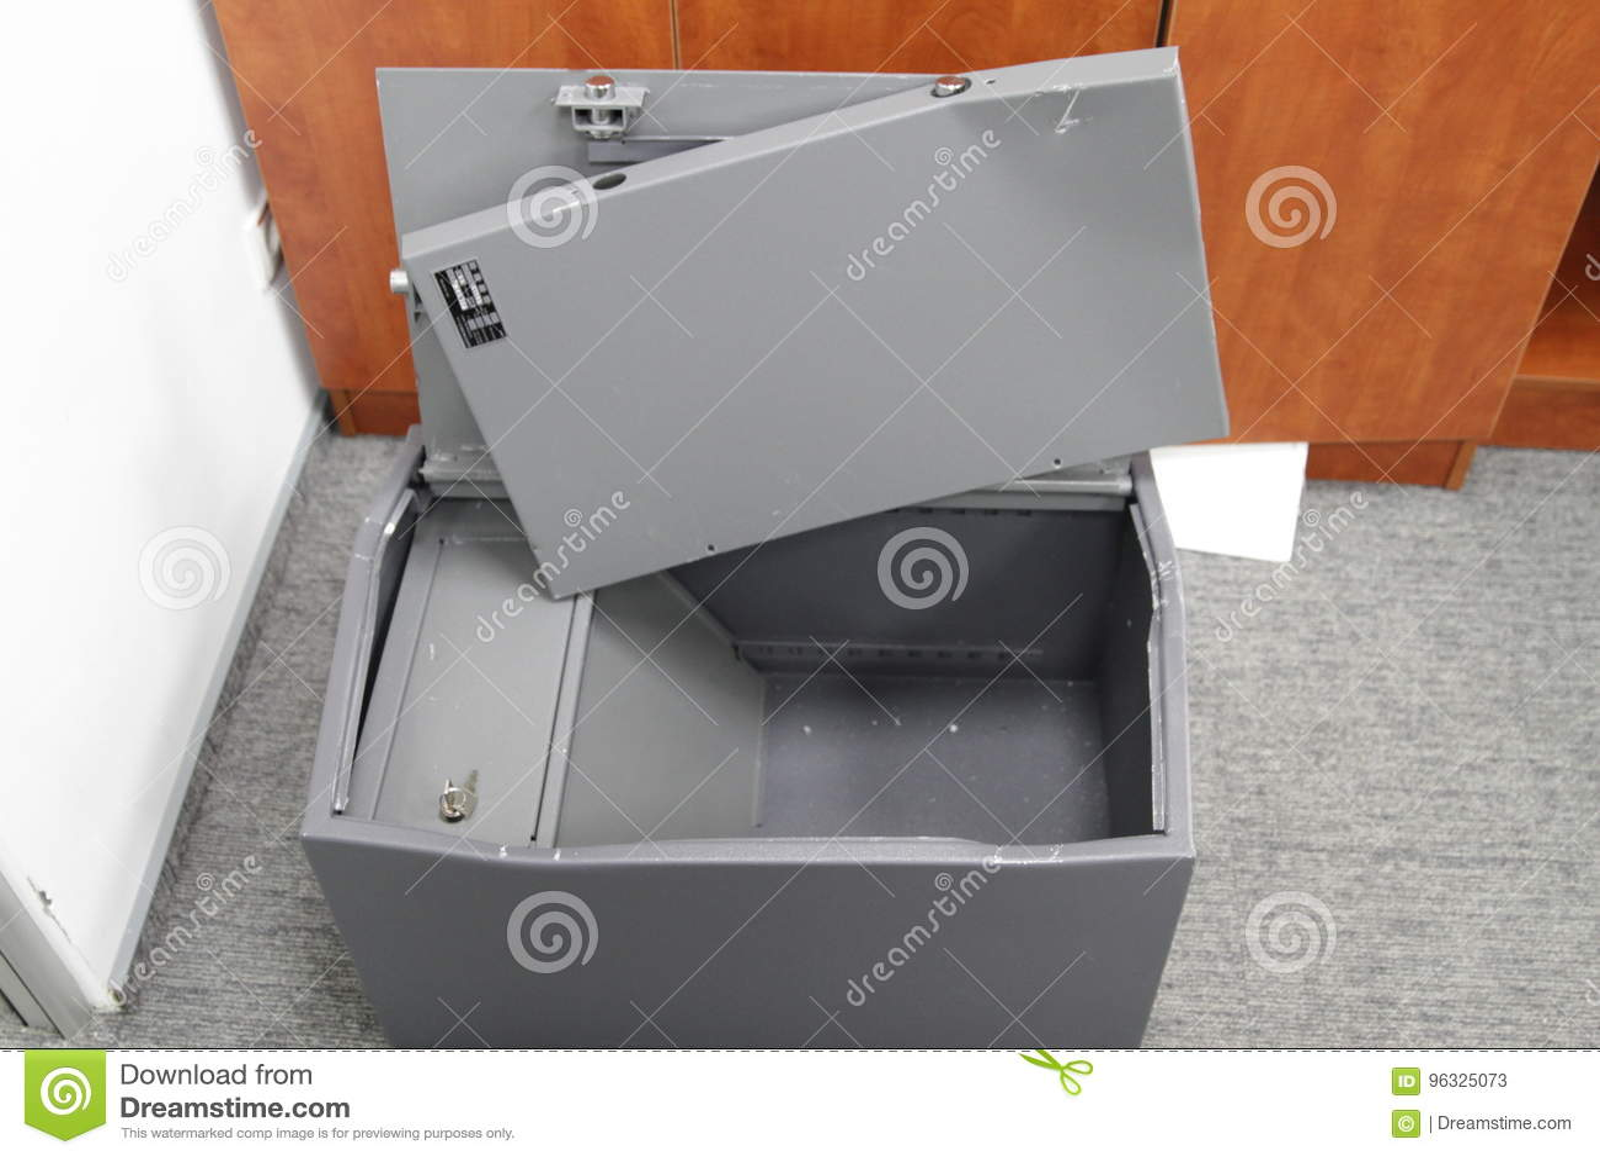 Binnendrongen in een beveiligd computersysteem brandkast in één van de bureaus van het commerciële centrum tijdens het onderzoek